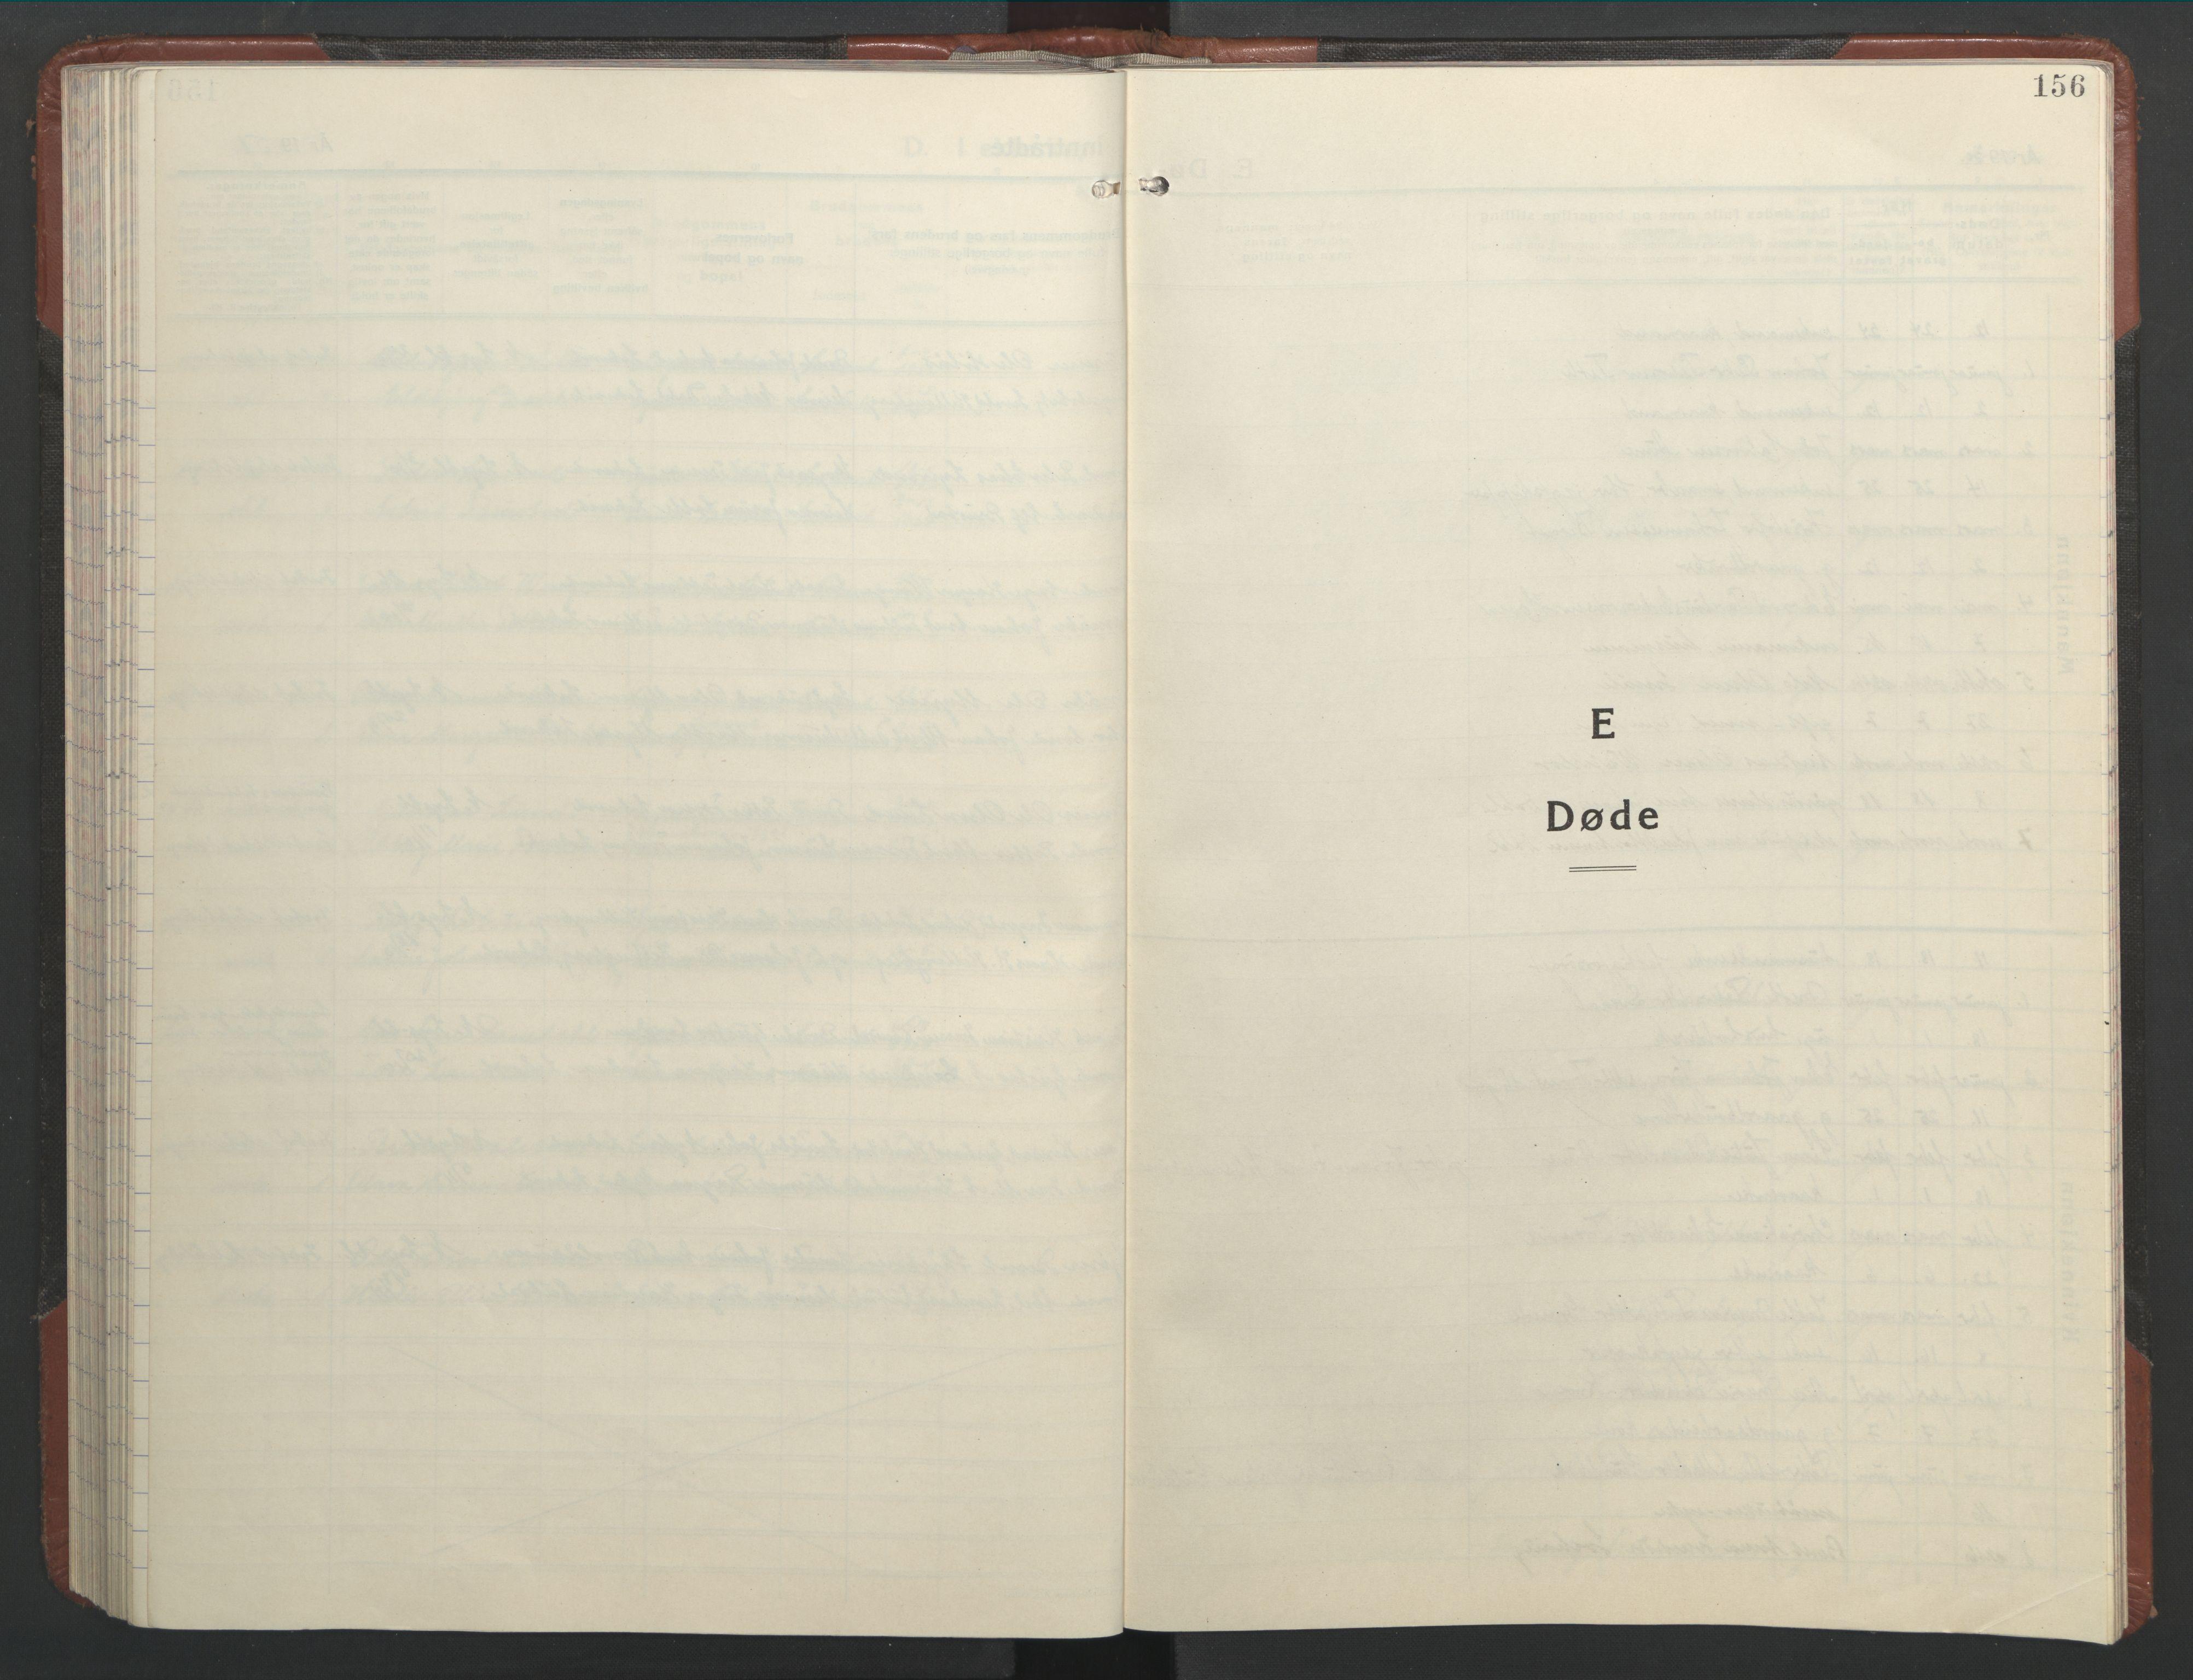 SAT, Ministerialprotokoller, klokkerbøker og fødselsregistre - Nord-Trøndelag, 701/L0019: Klokkerbok nr. 701C03, 1930-1953, s. 156